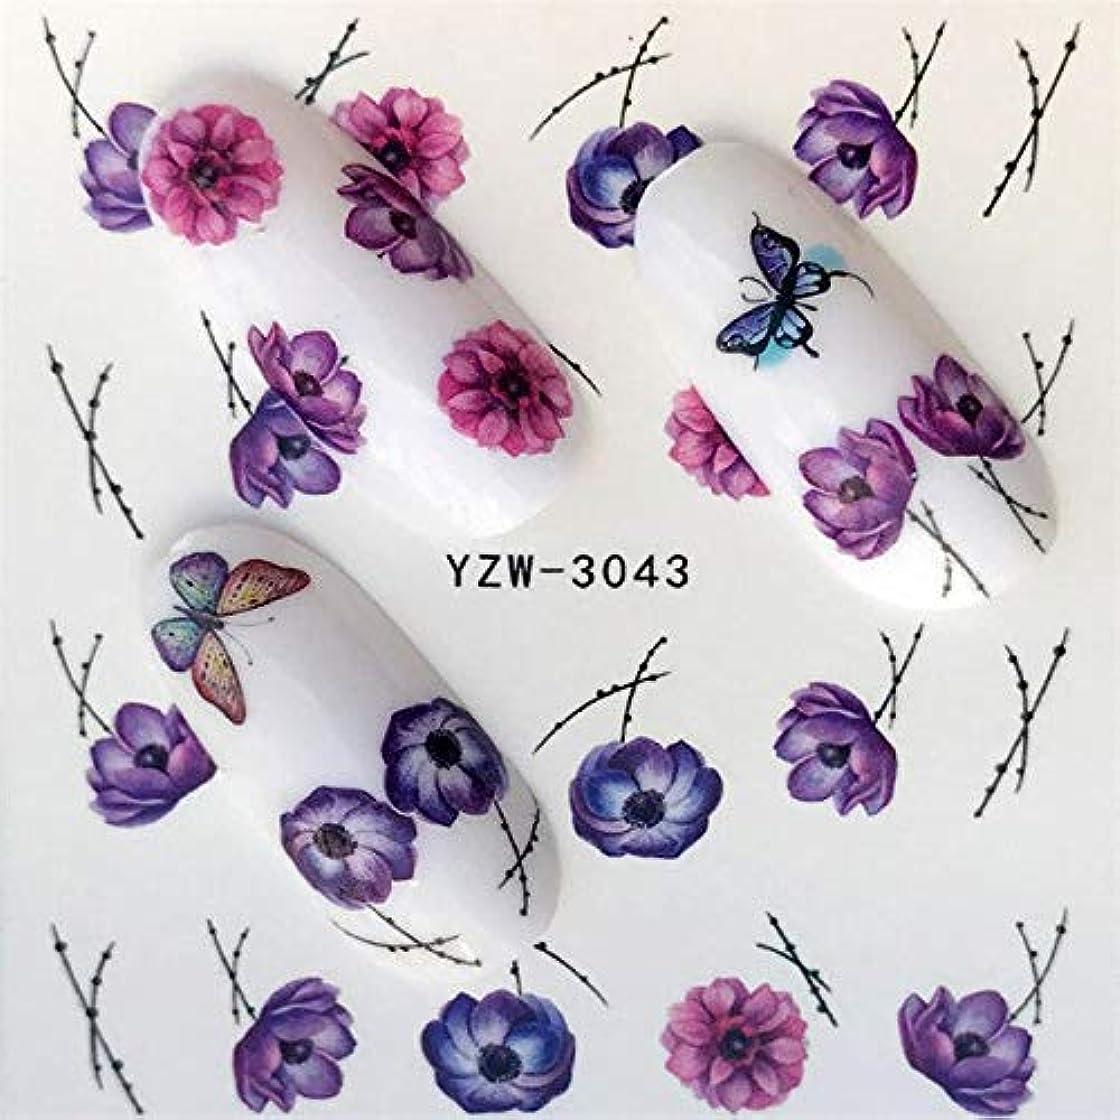 協同神社大邸宅SUKTI&XIAO ネイルステッカー 1枚夏の緑の葉/花の香りのデザインネイルウォーターデカール転送ステッカー装飾